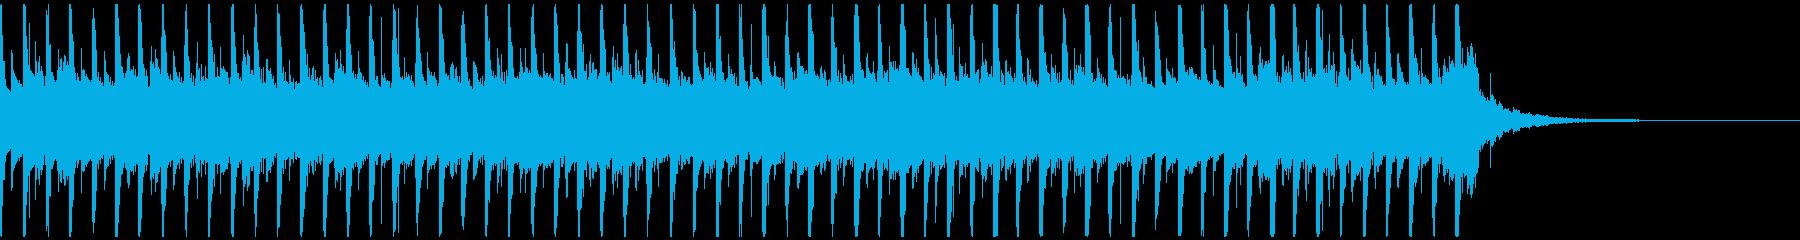 企業VP映像02/爽やか落ち着くギターAの再生済みの波形